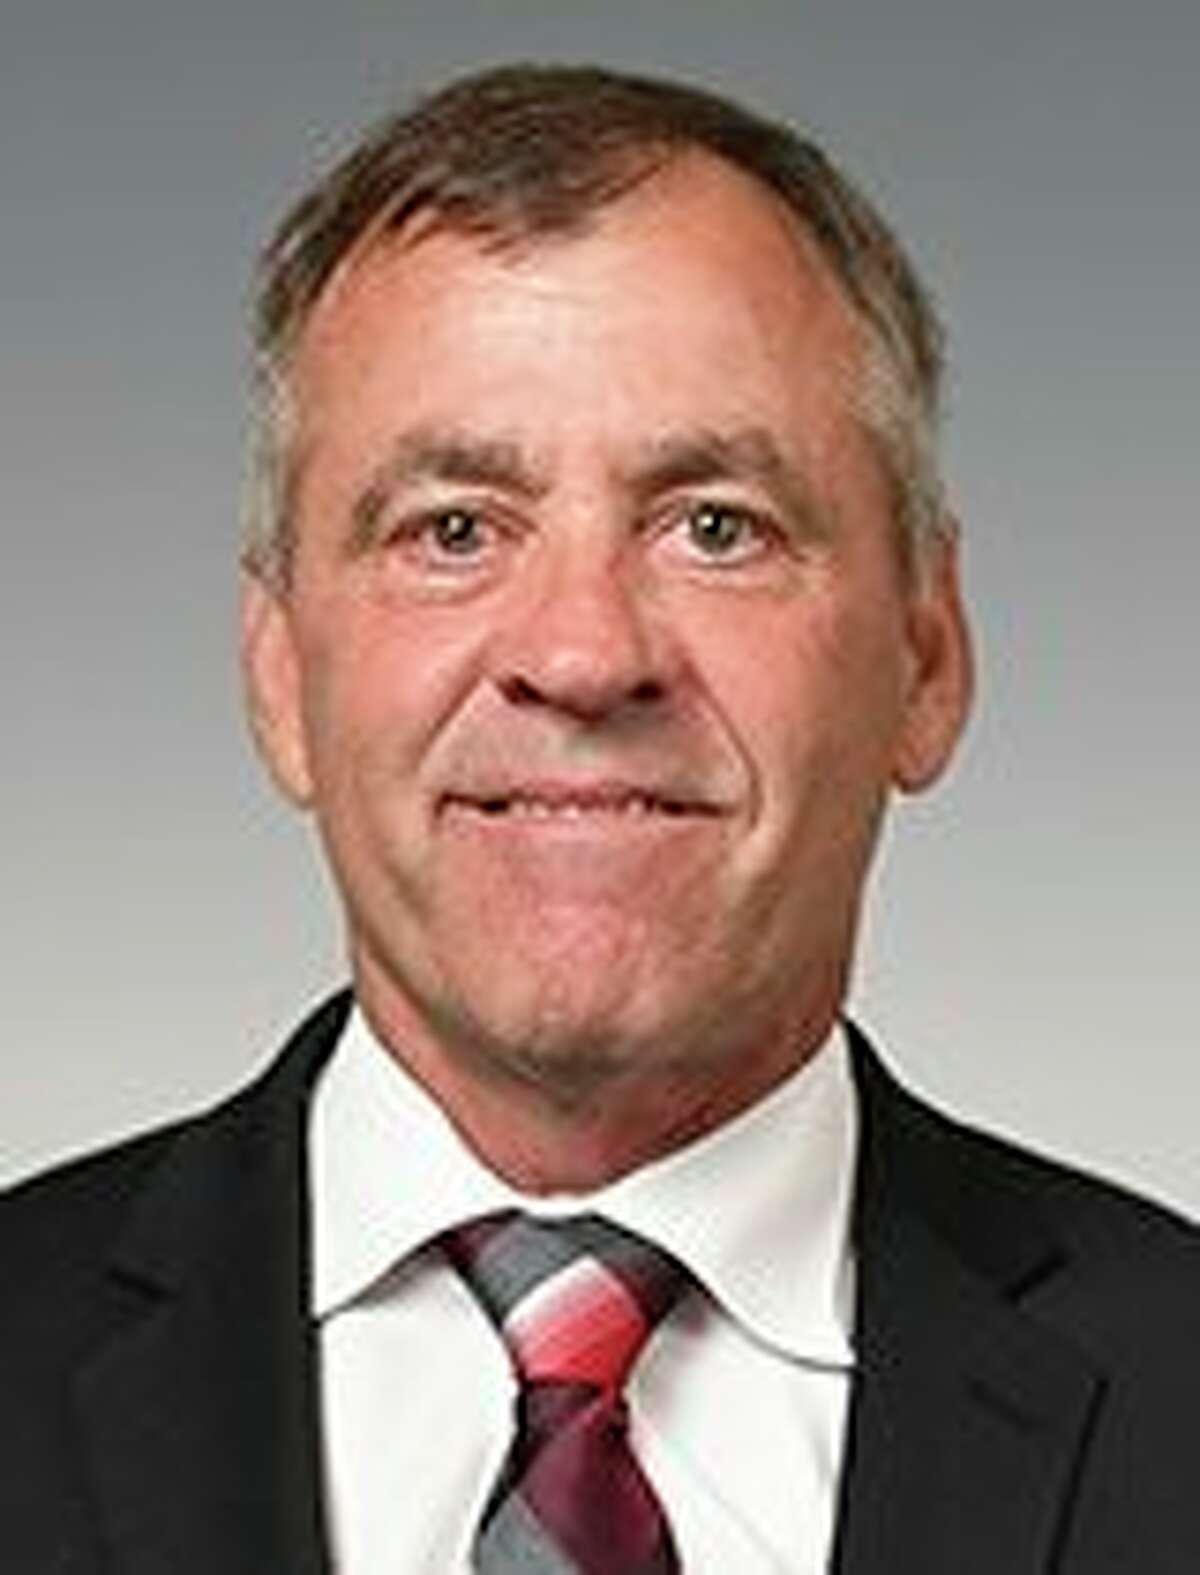 Tony Annese